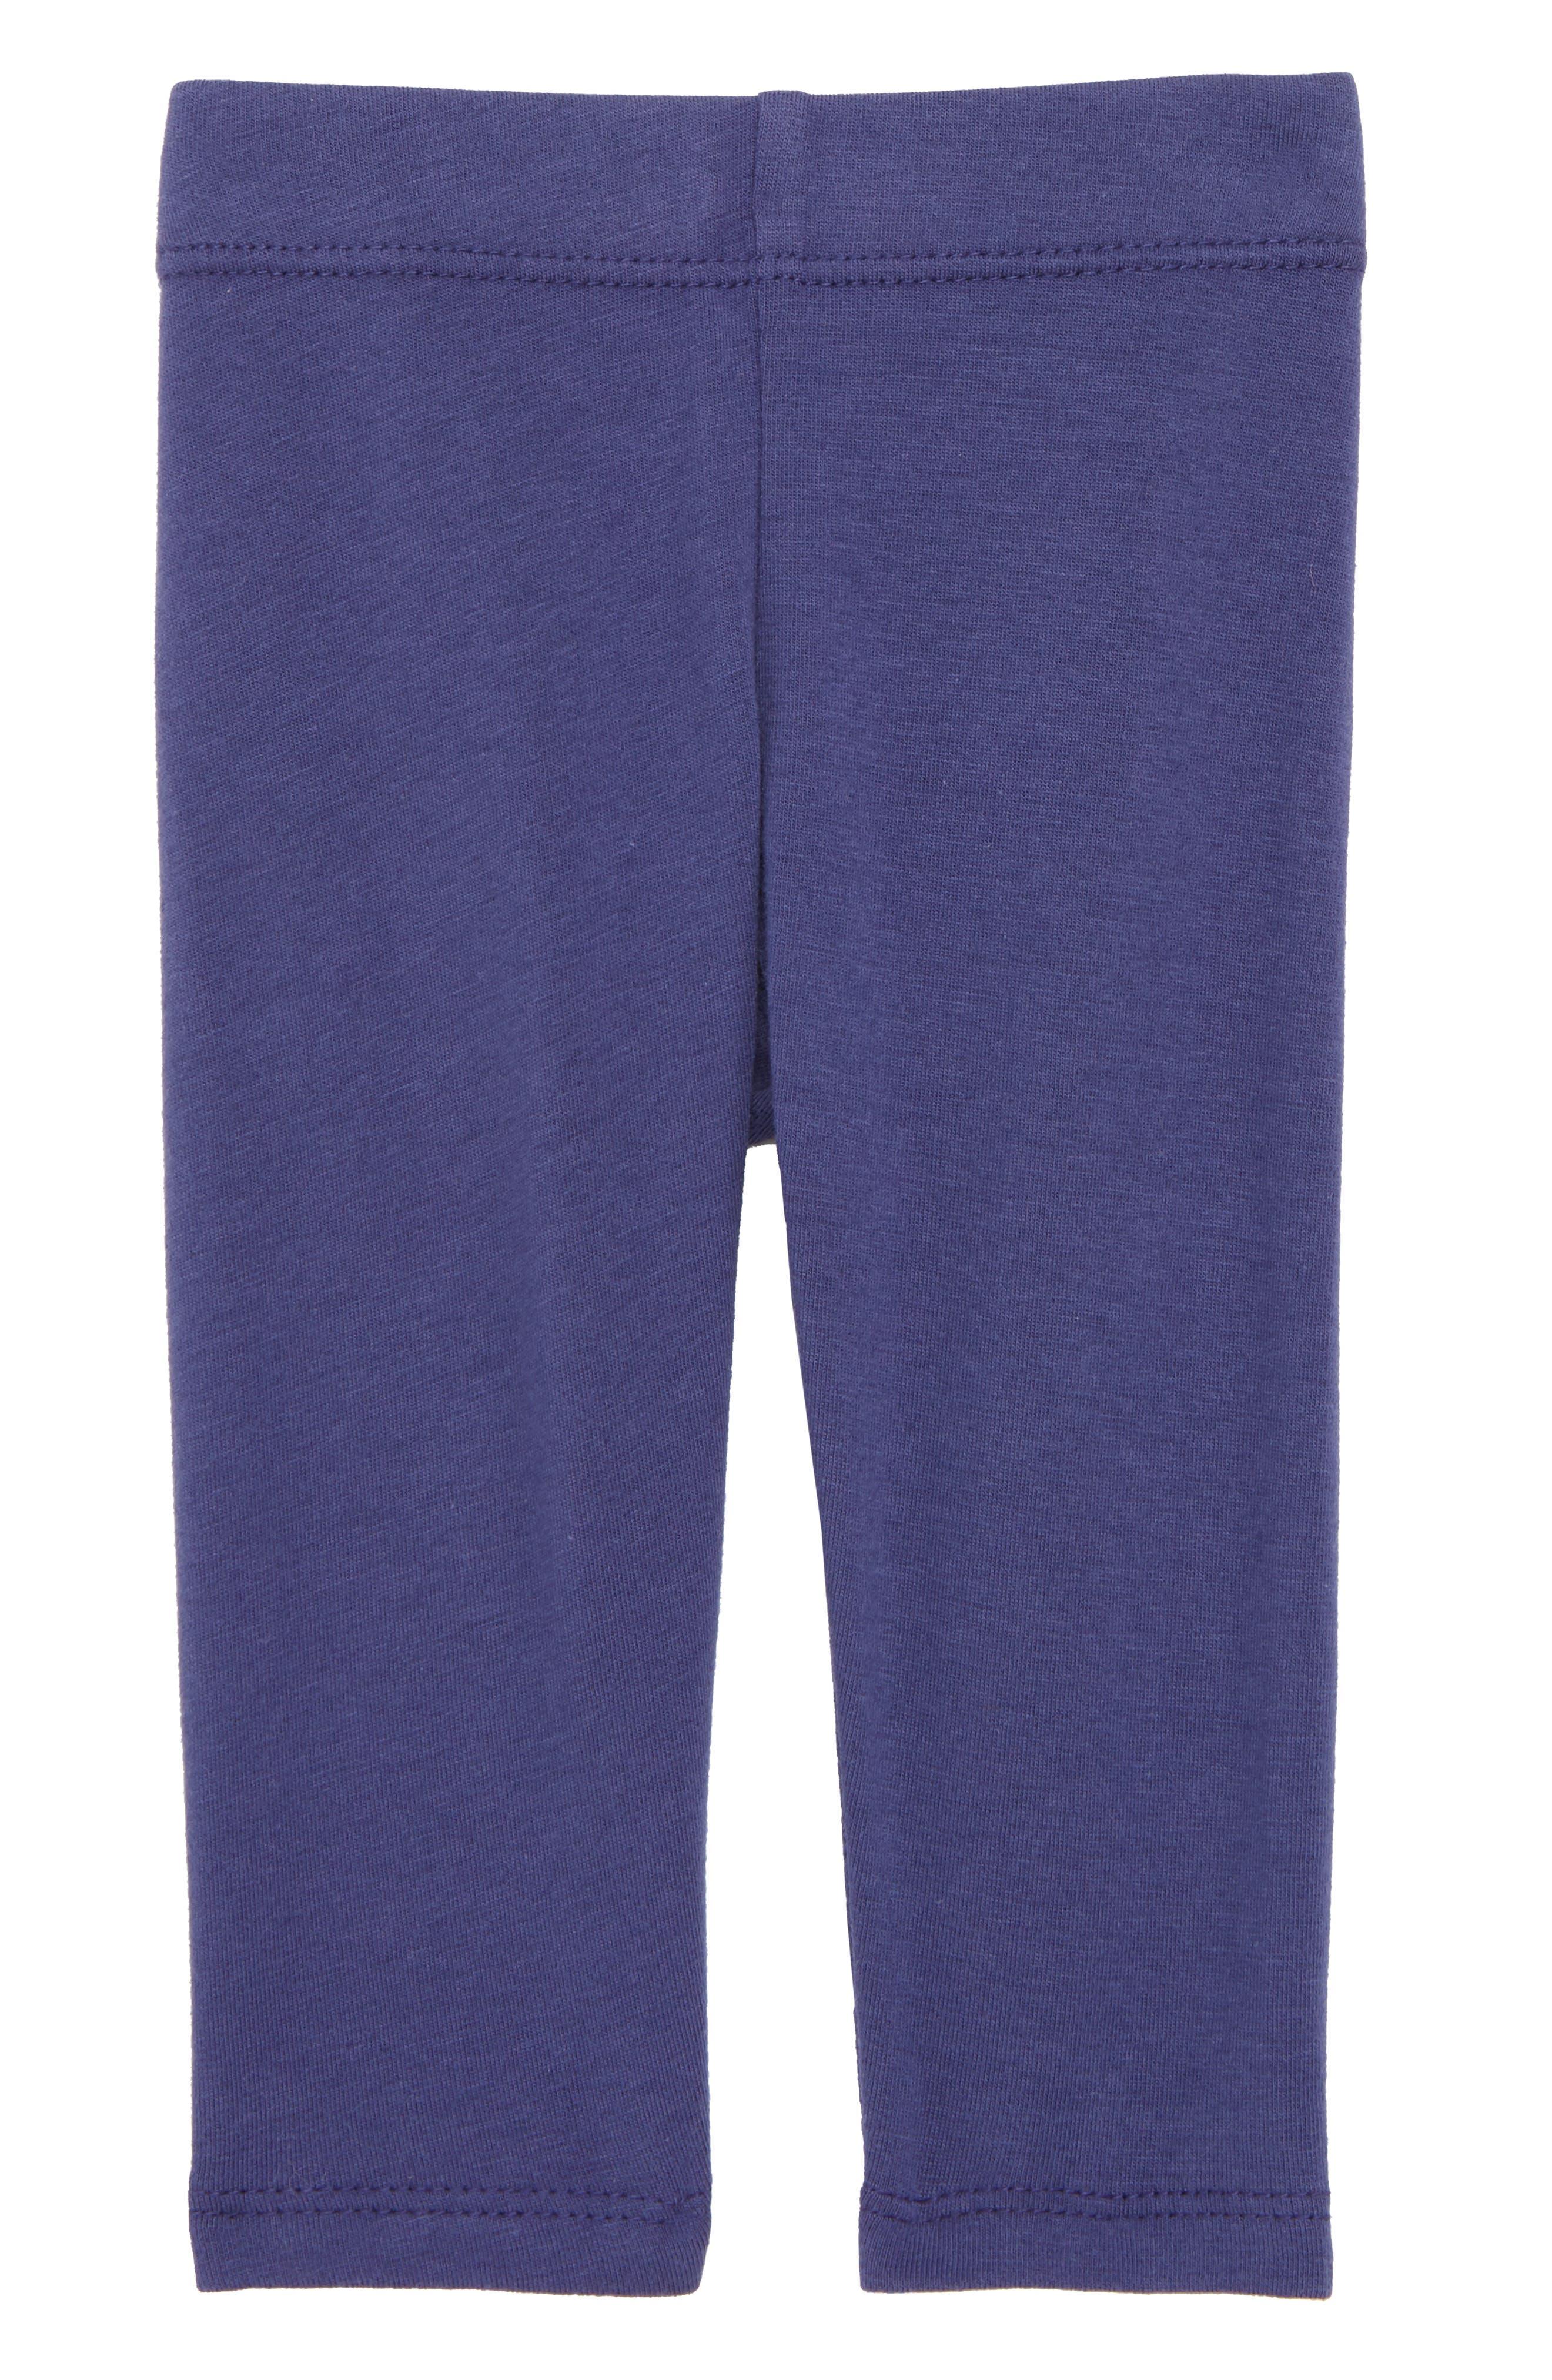 Essential Leggings,                         Main,                         color, 410